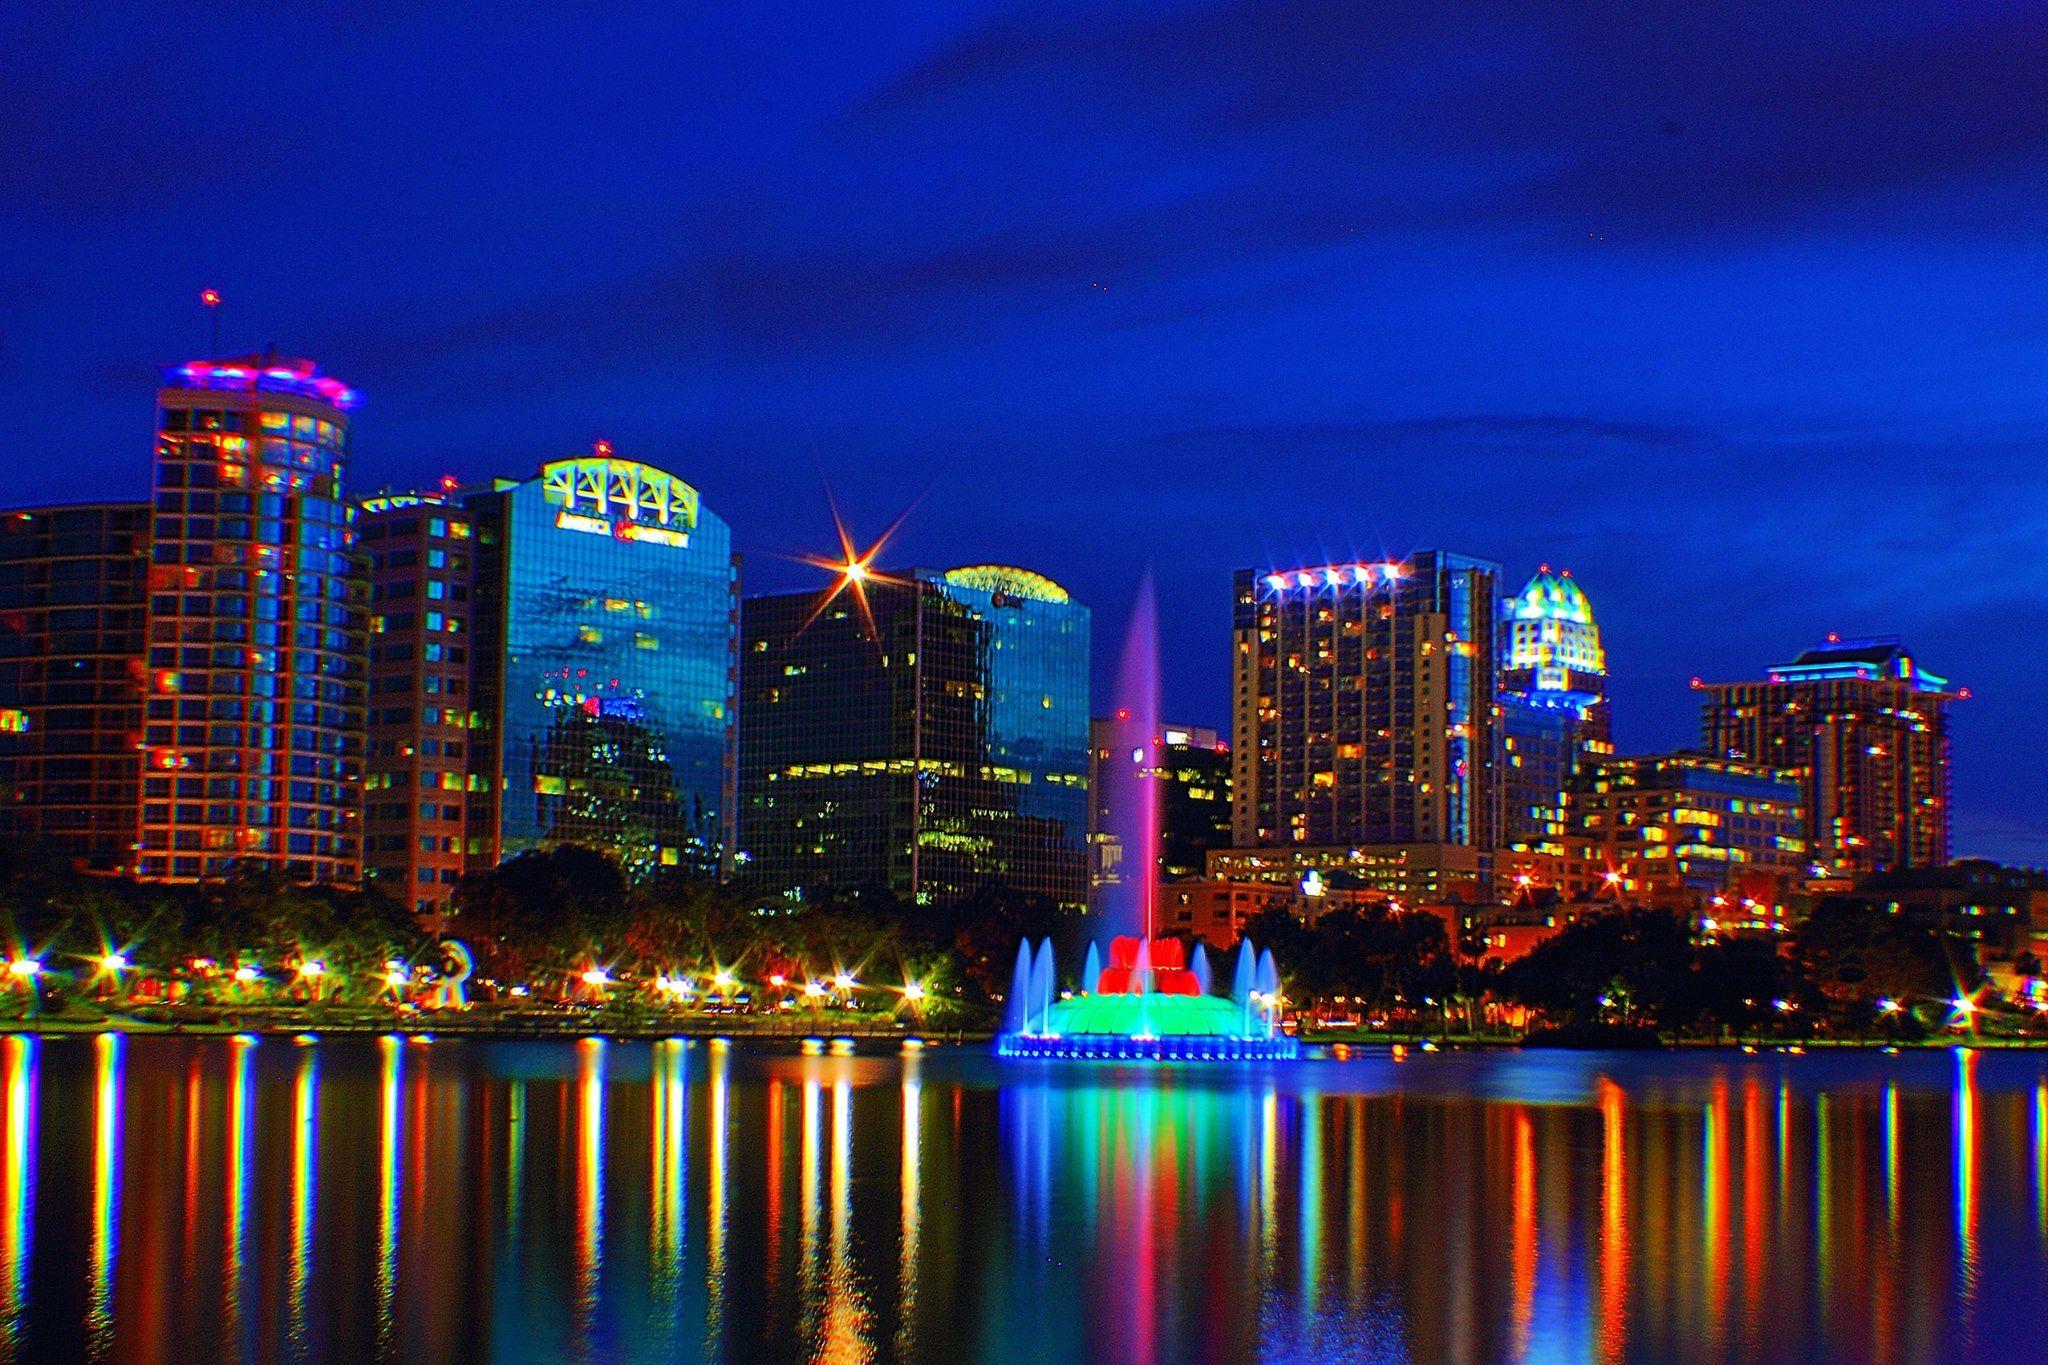 Lake Eola Park in Orlando, FL Lake eola, Lake eola